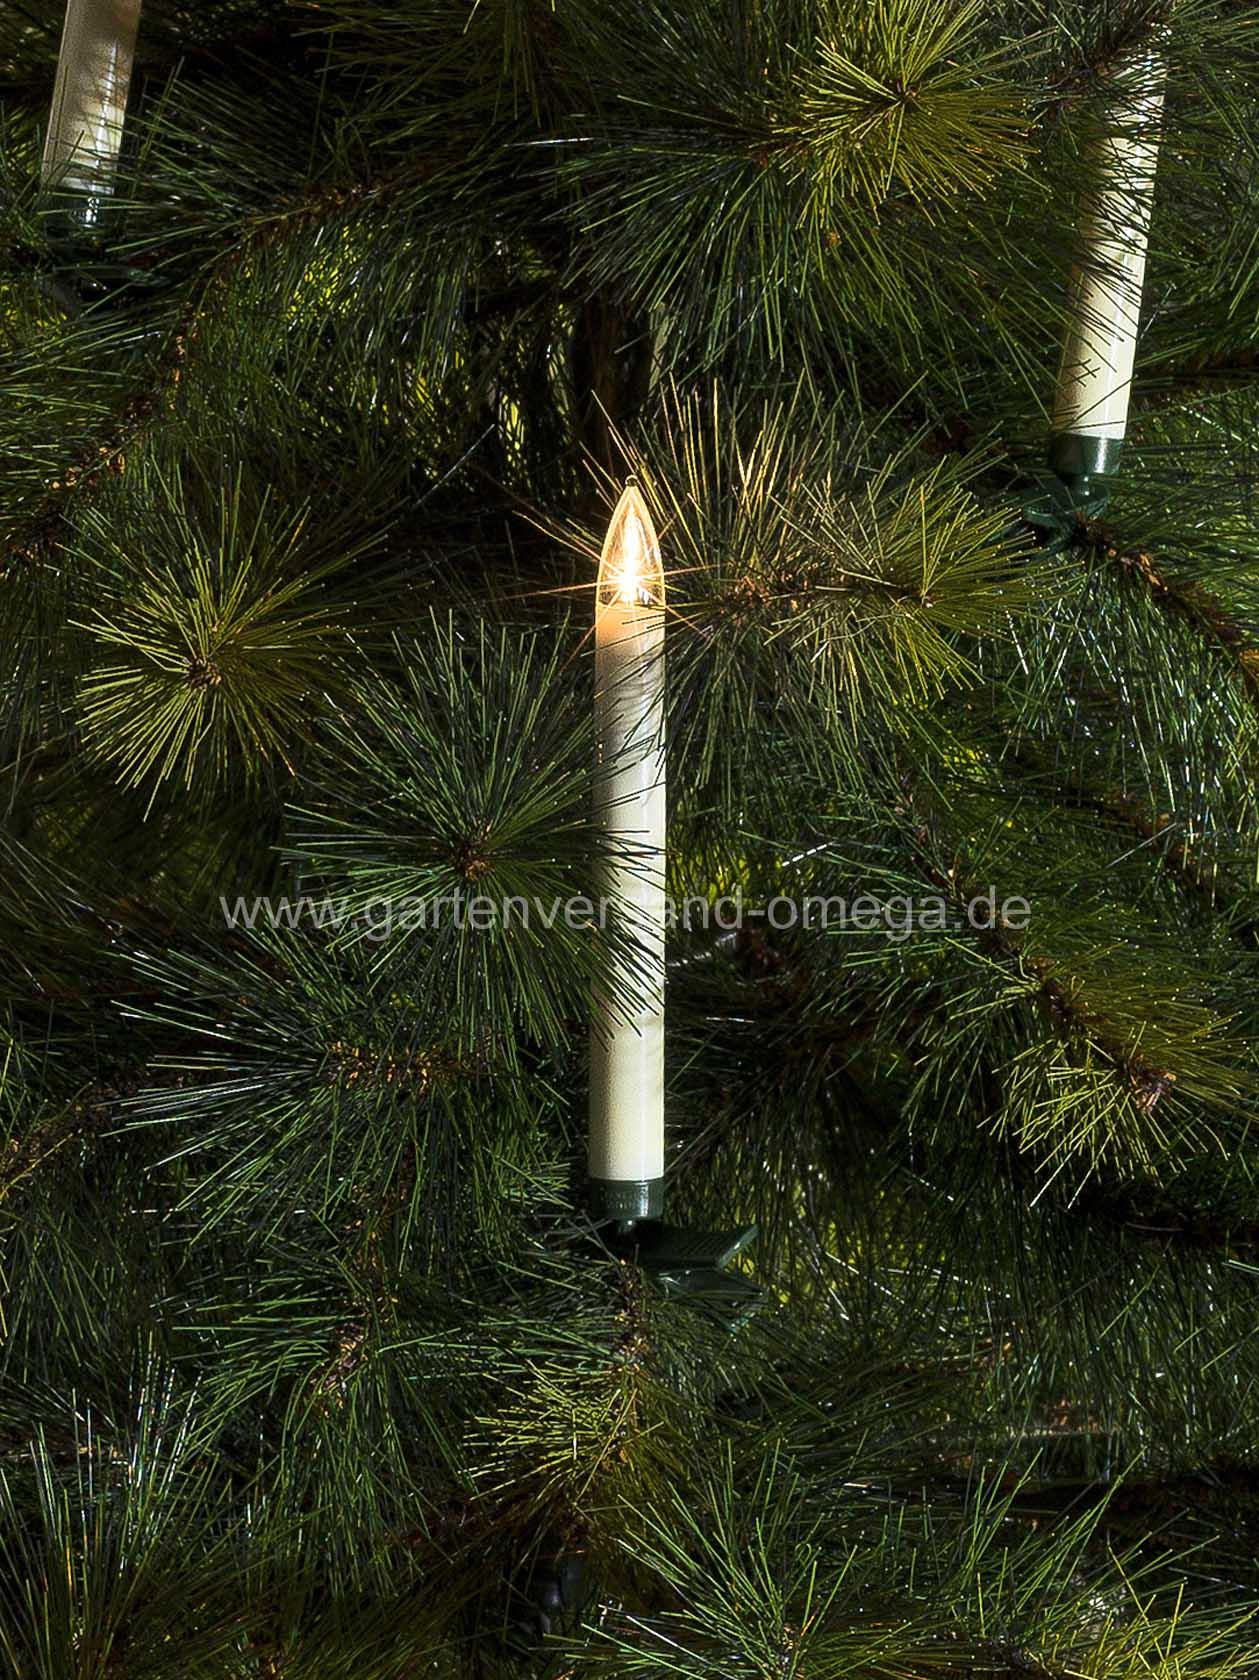 kabellose lichterkette f r au en kabellose weihnachtsbeleuchtung schnurlose kerzen f r au en. Black Bedroom Furniture Sets. Home Design Ideas